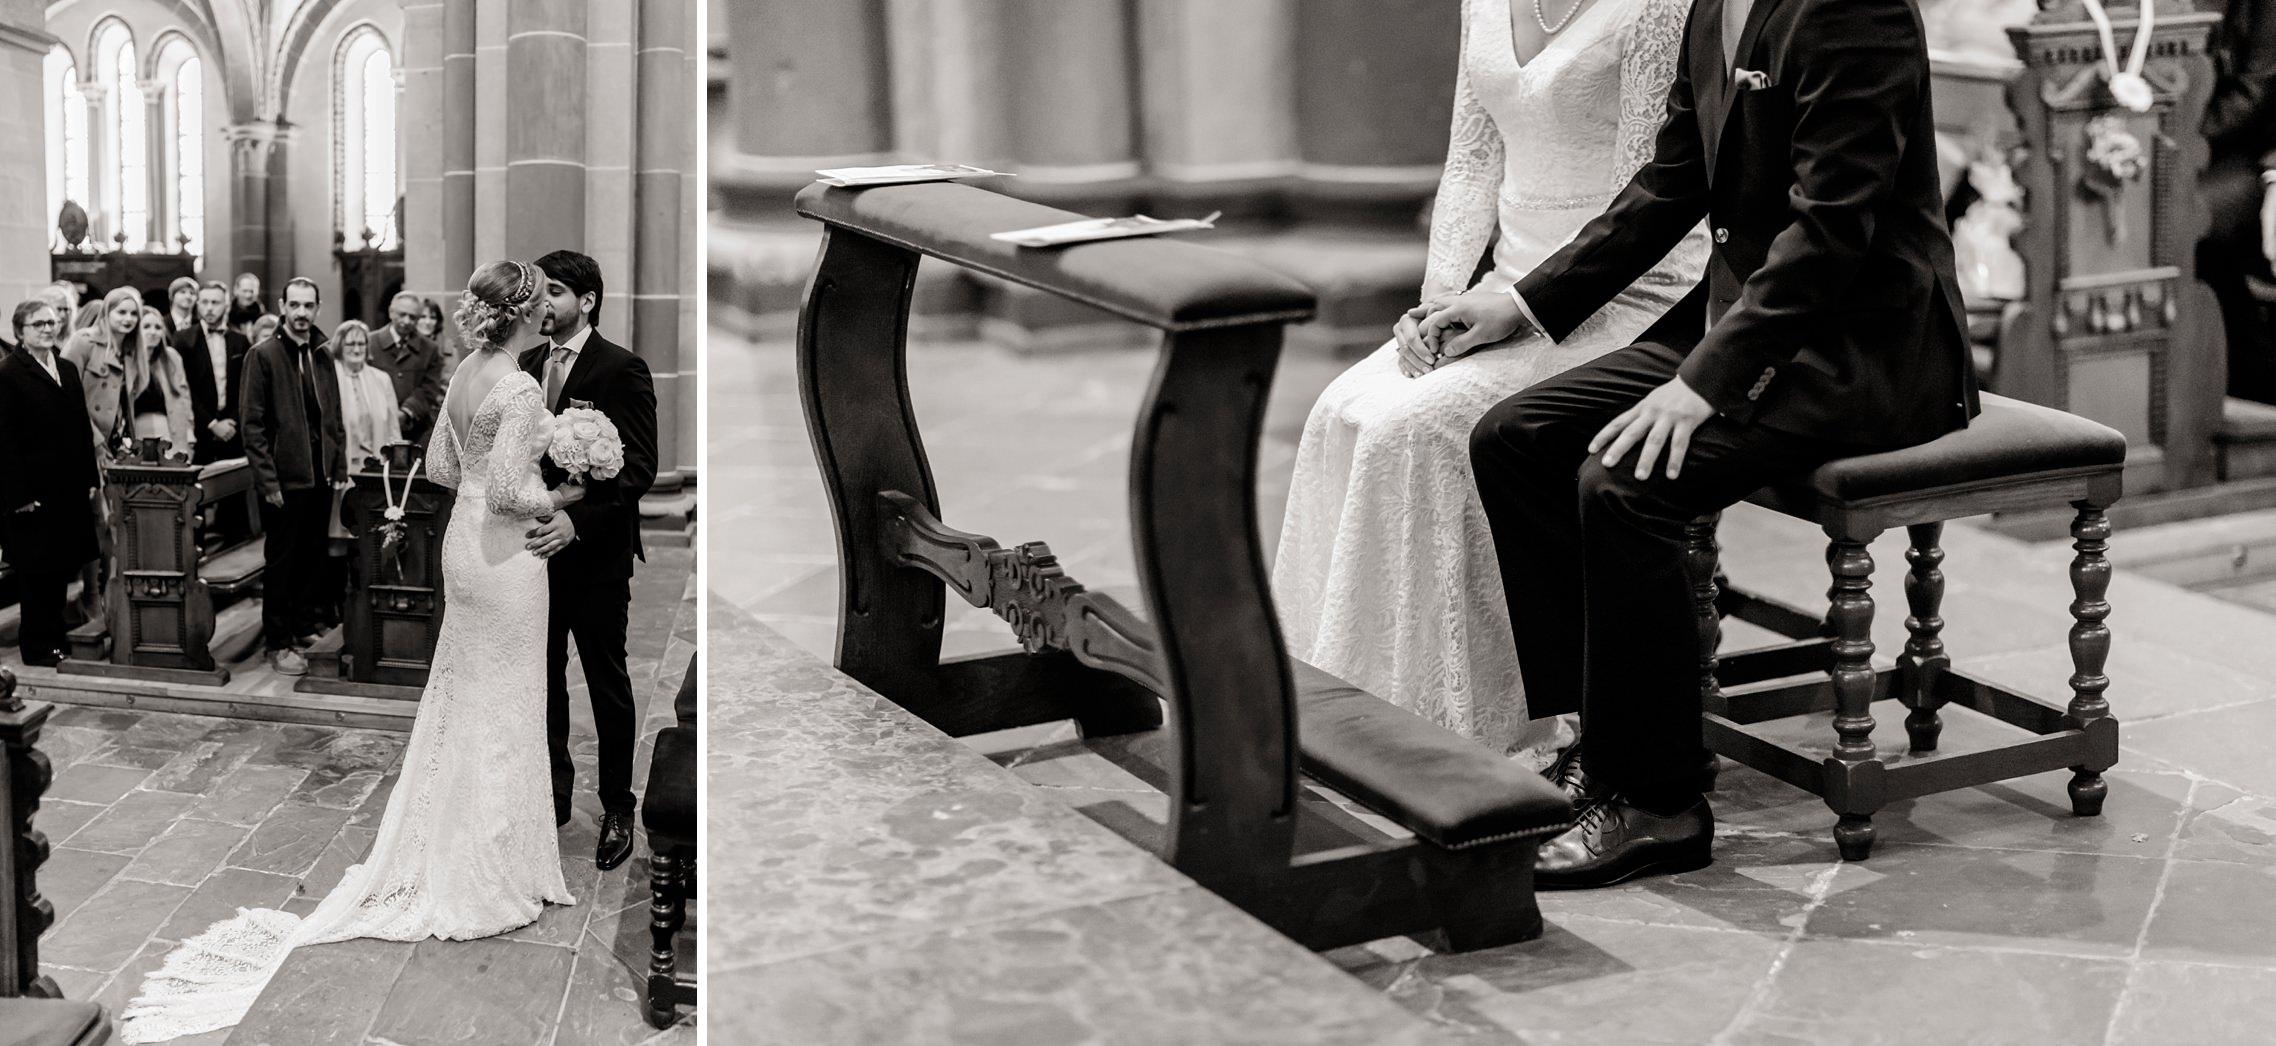 Der Bräutigam nimmt seine wunderschöne Braut am Altar in Empfang.